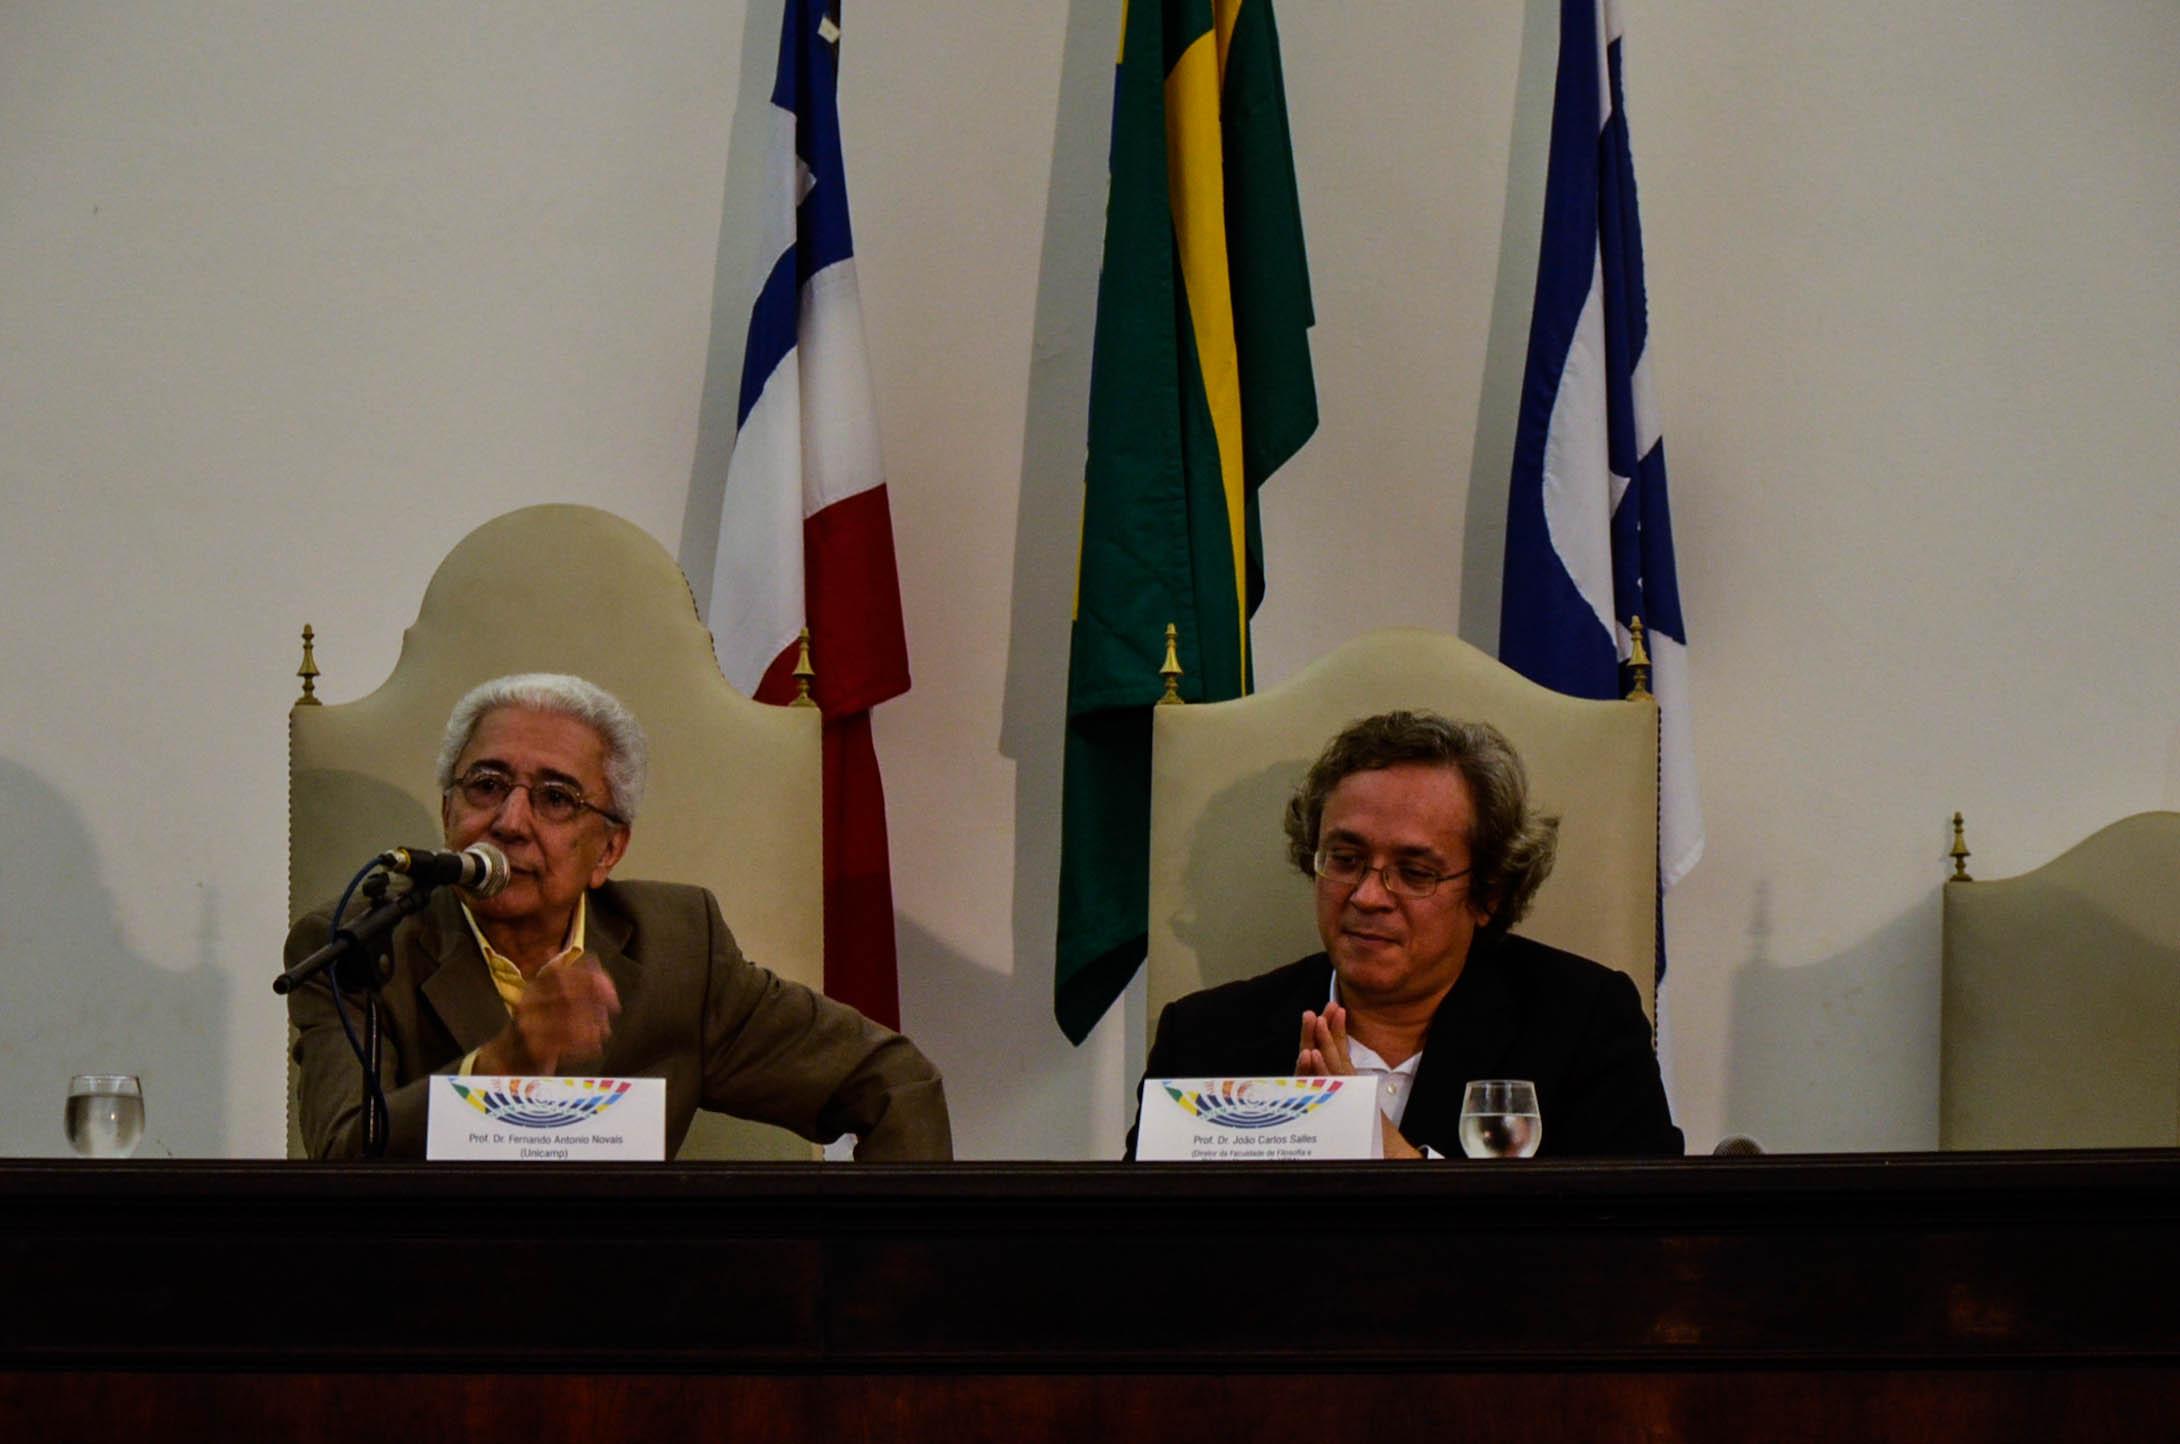 O professor Antônio Novais (à esquerda), fala sobre as interpretações da independência do Brasil. Foto: Virgínia Andrade